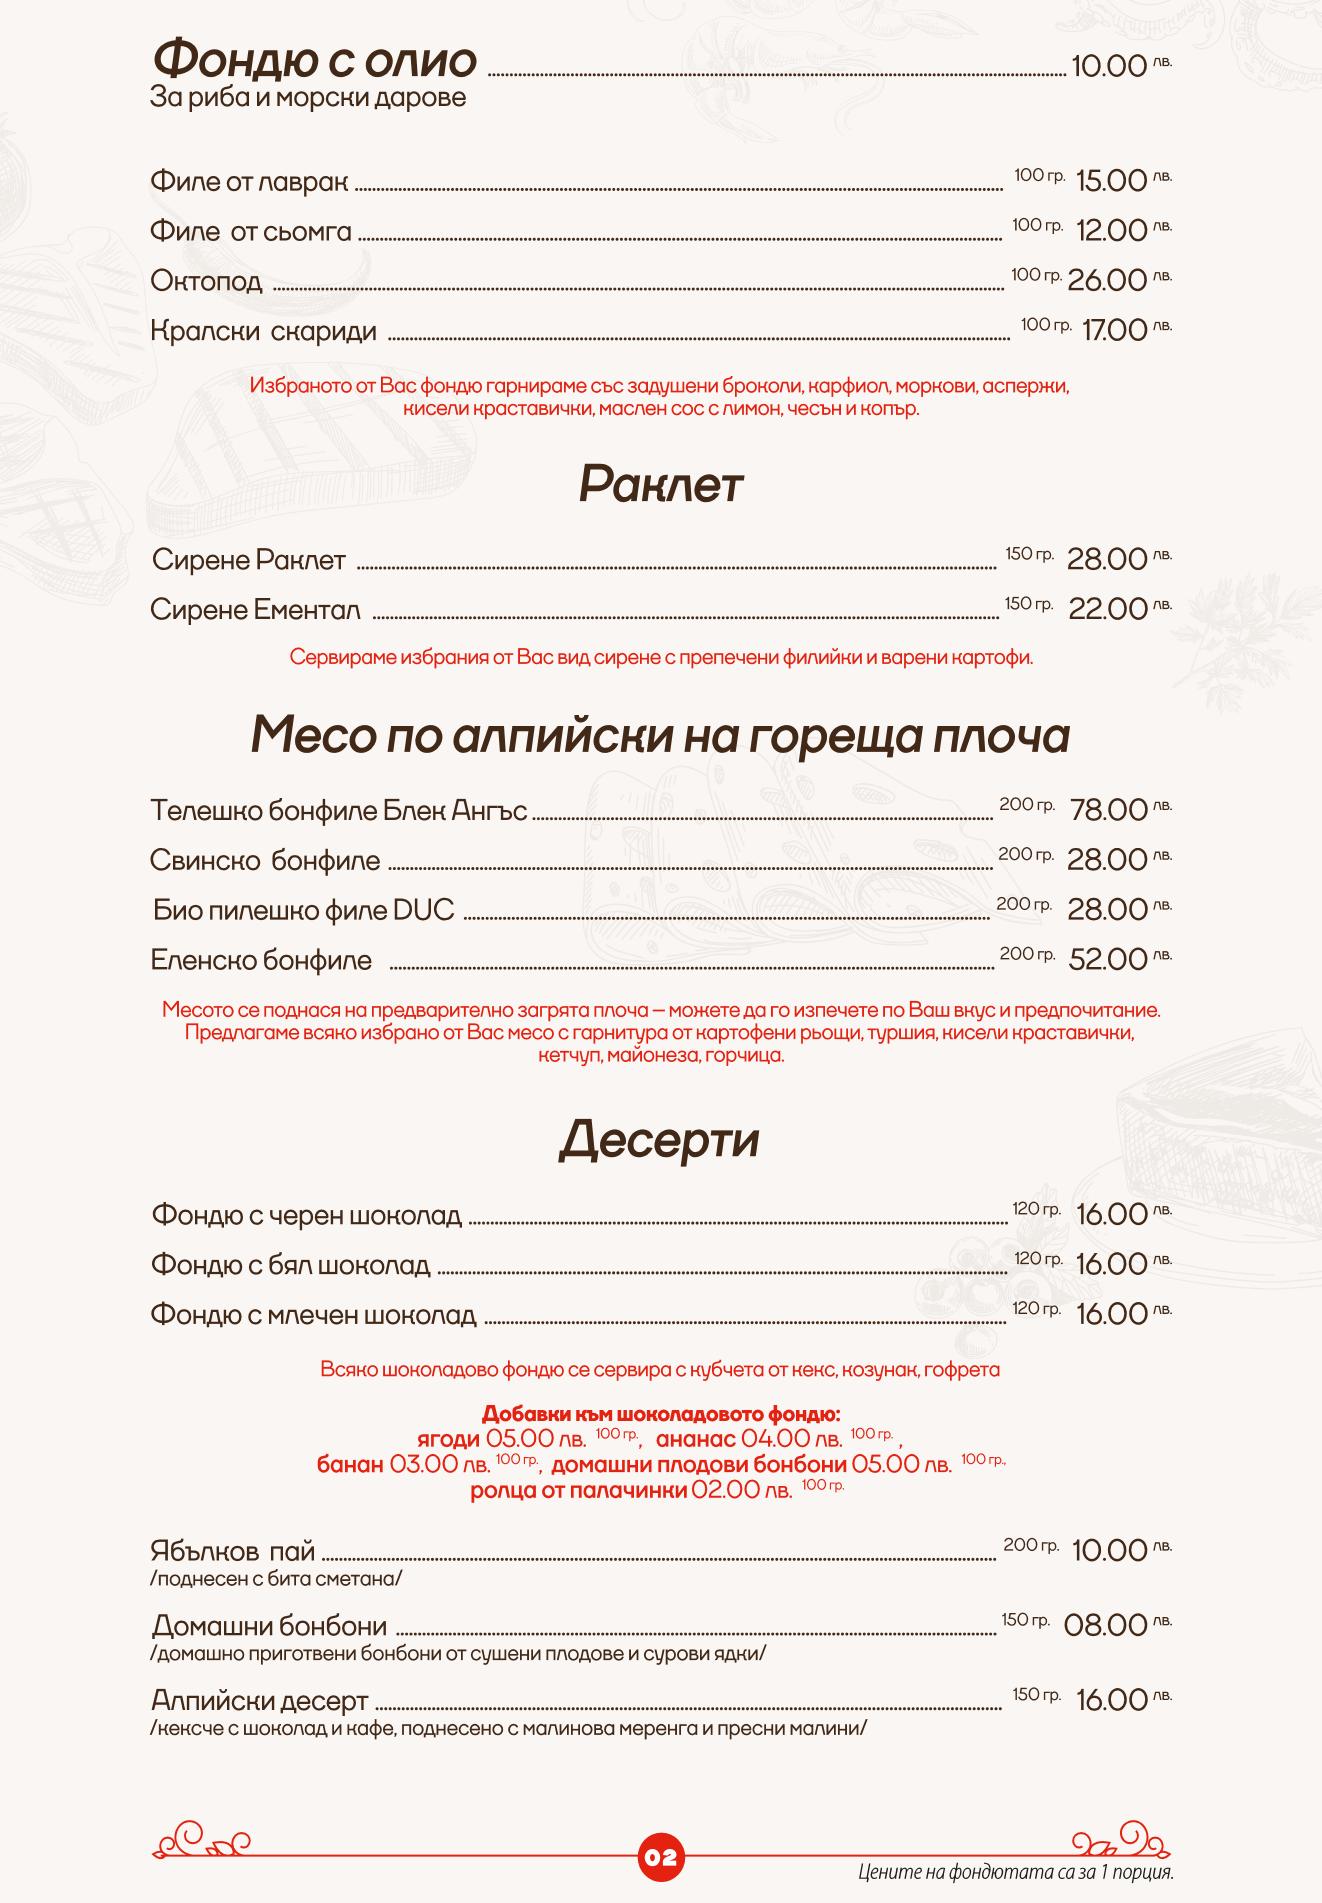 menu-img2